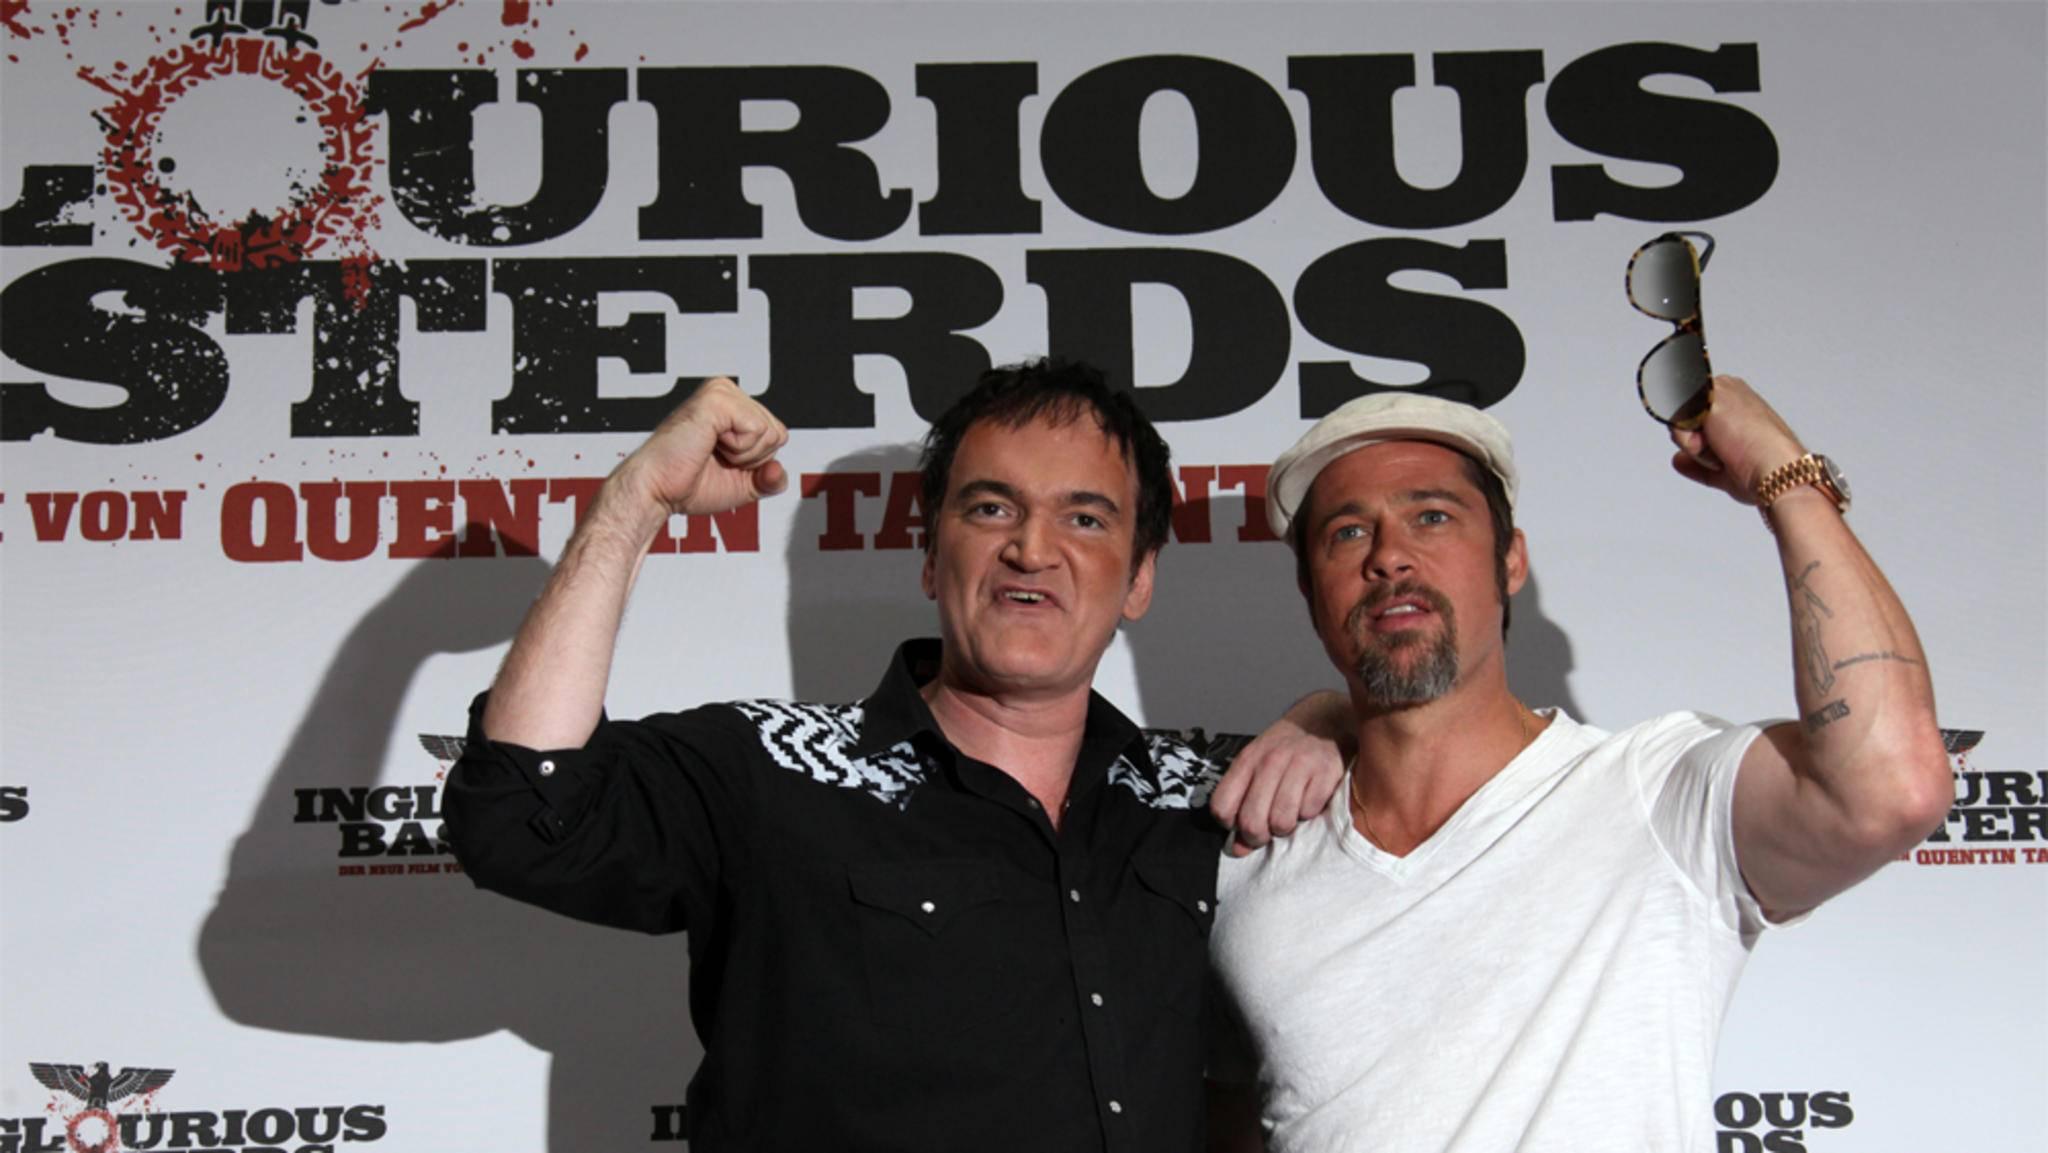 Das Dream-Team ist zurück: Tarantino hat neben Leonardo DiCaprio auch Brad Pitt für seinen Manson-Film gecastet.